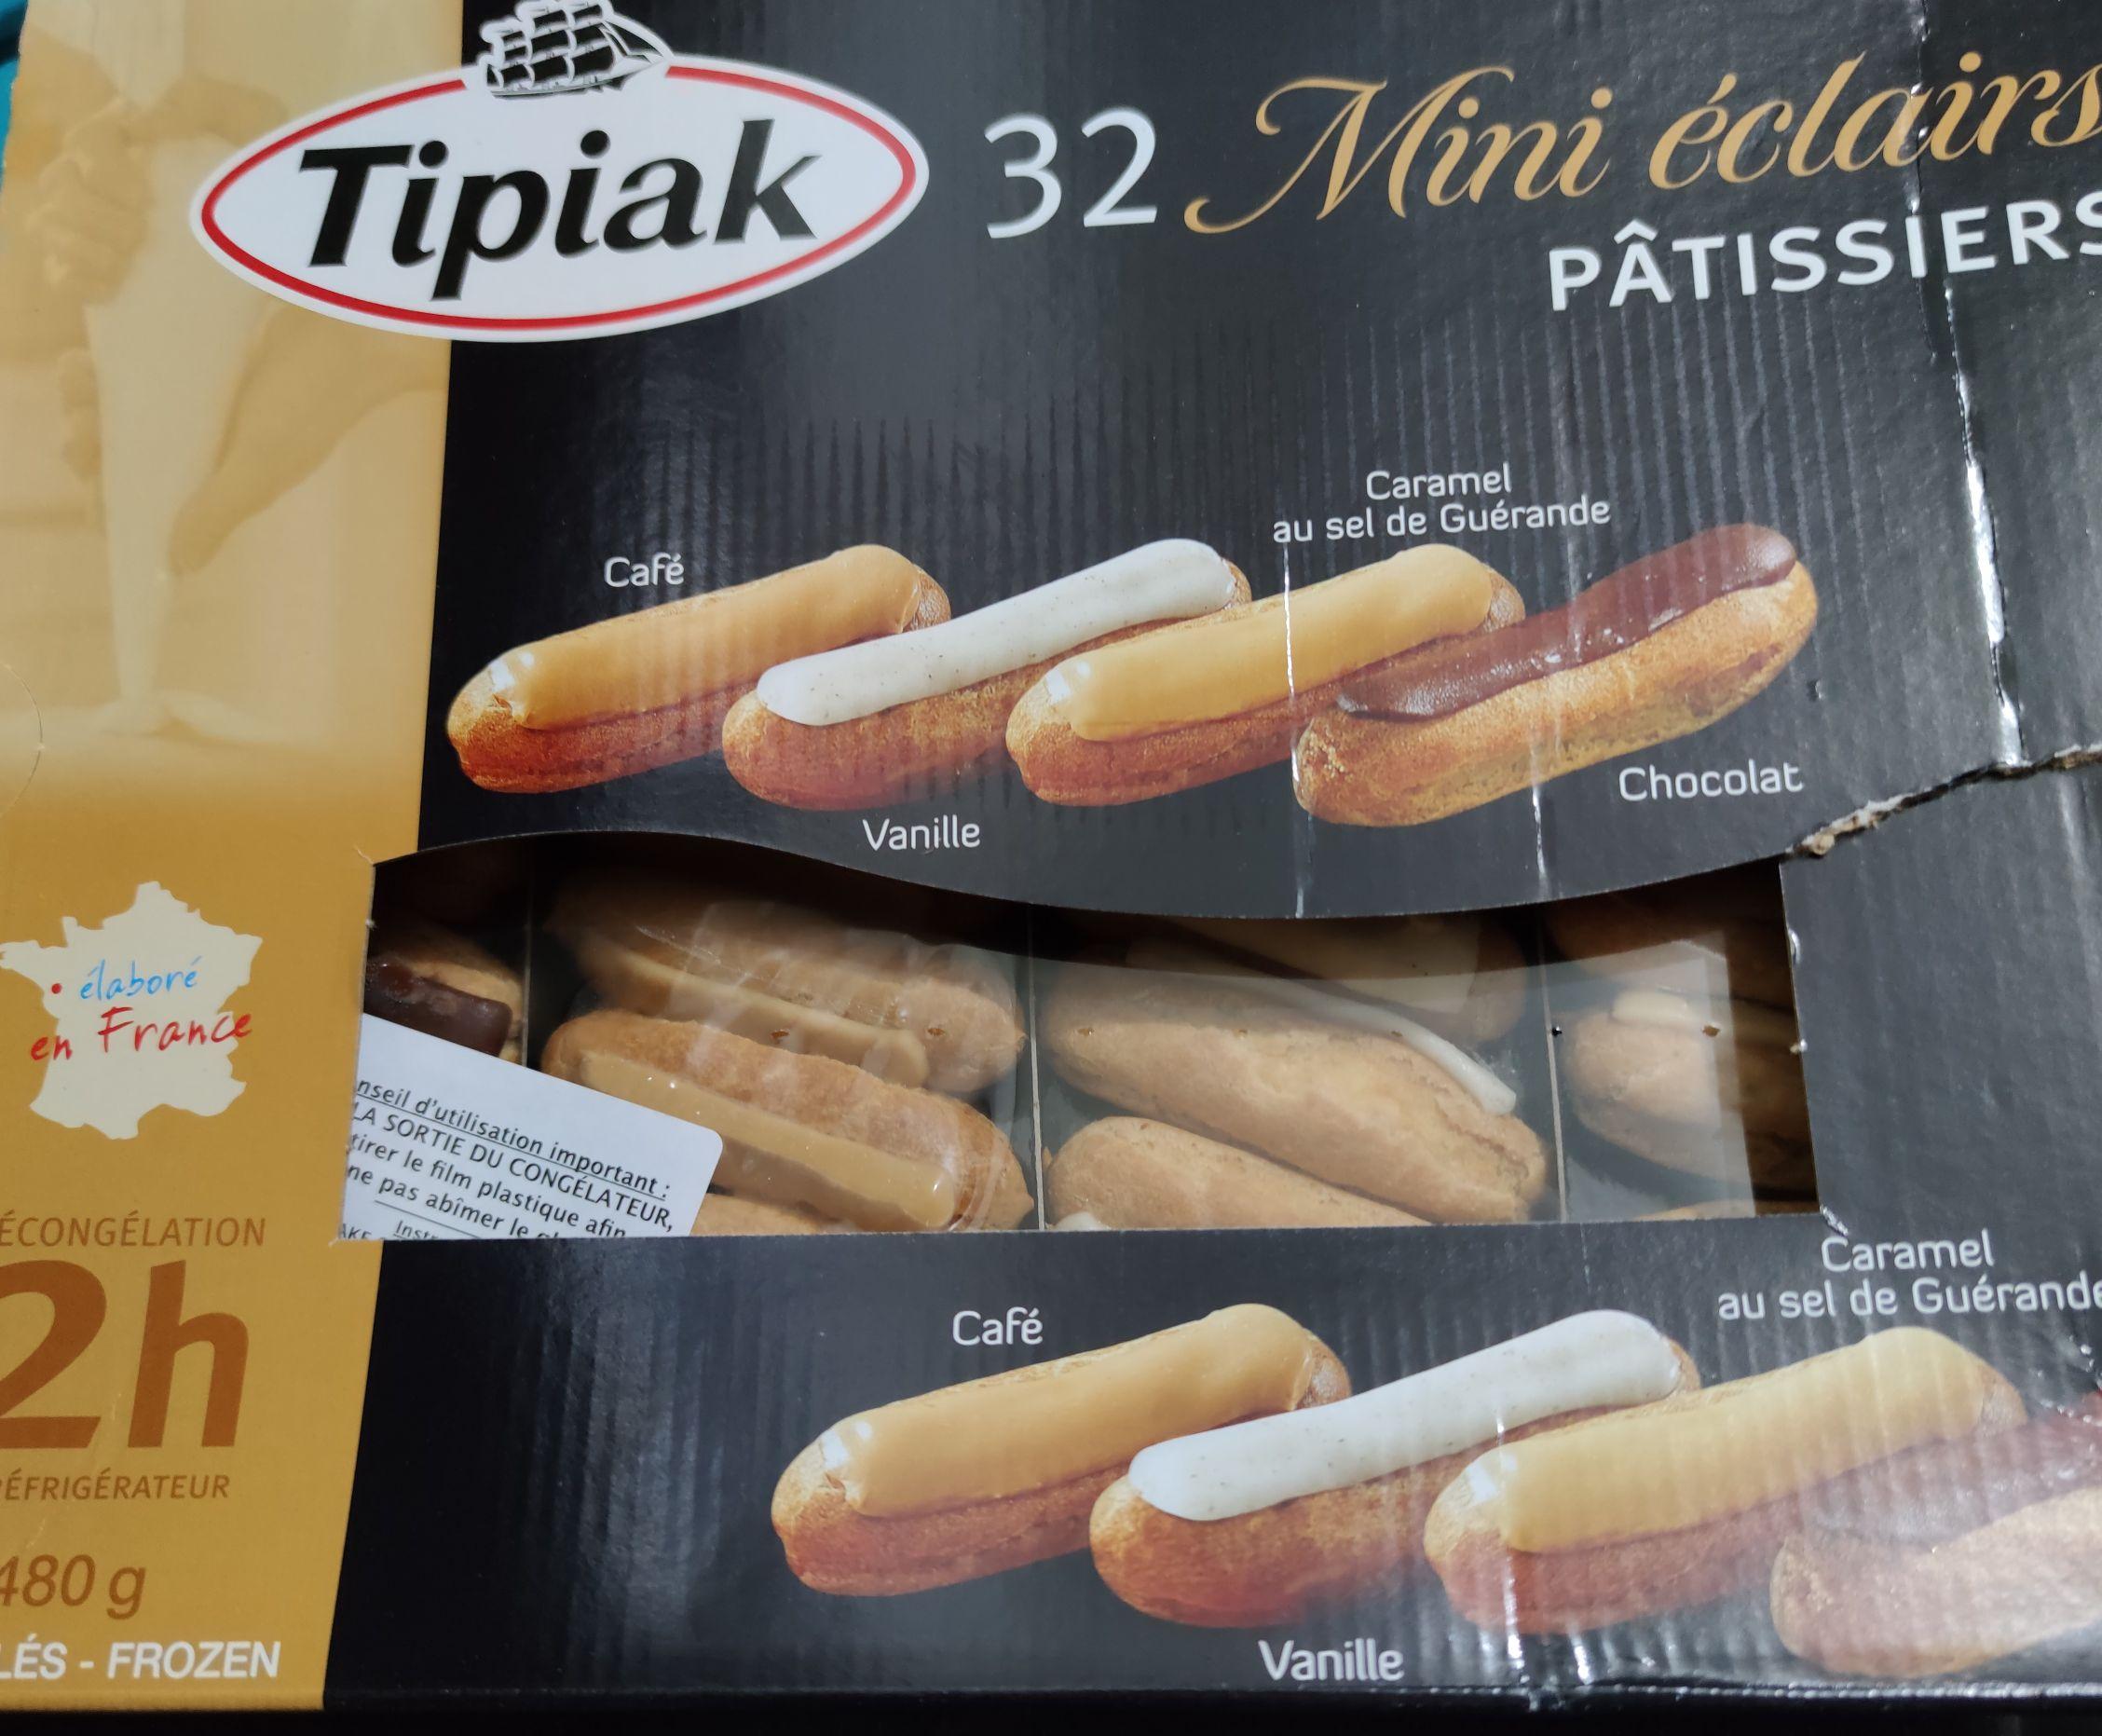 32 mini Eclair varios sabores